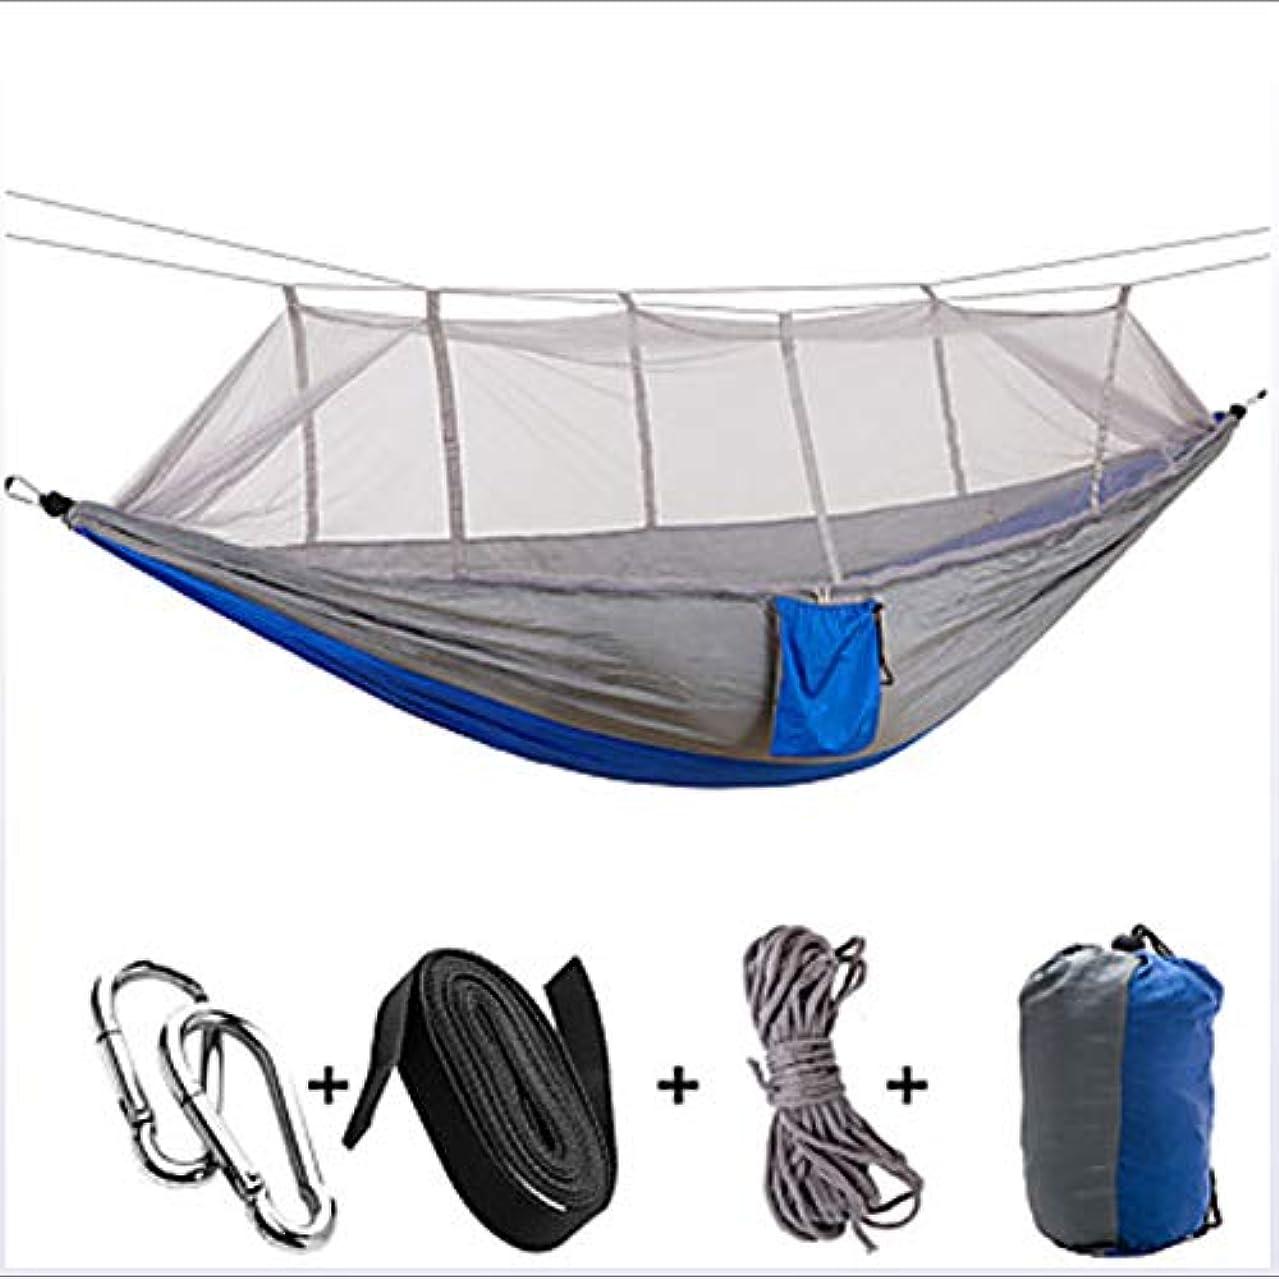 ペデスタルデイジー先史時代の蚊帳付き屋外用軽量ハンマー、クイックドライ、通気性サテン/チュール(2人用)釣り/キャンプ